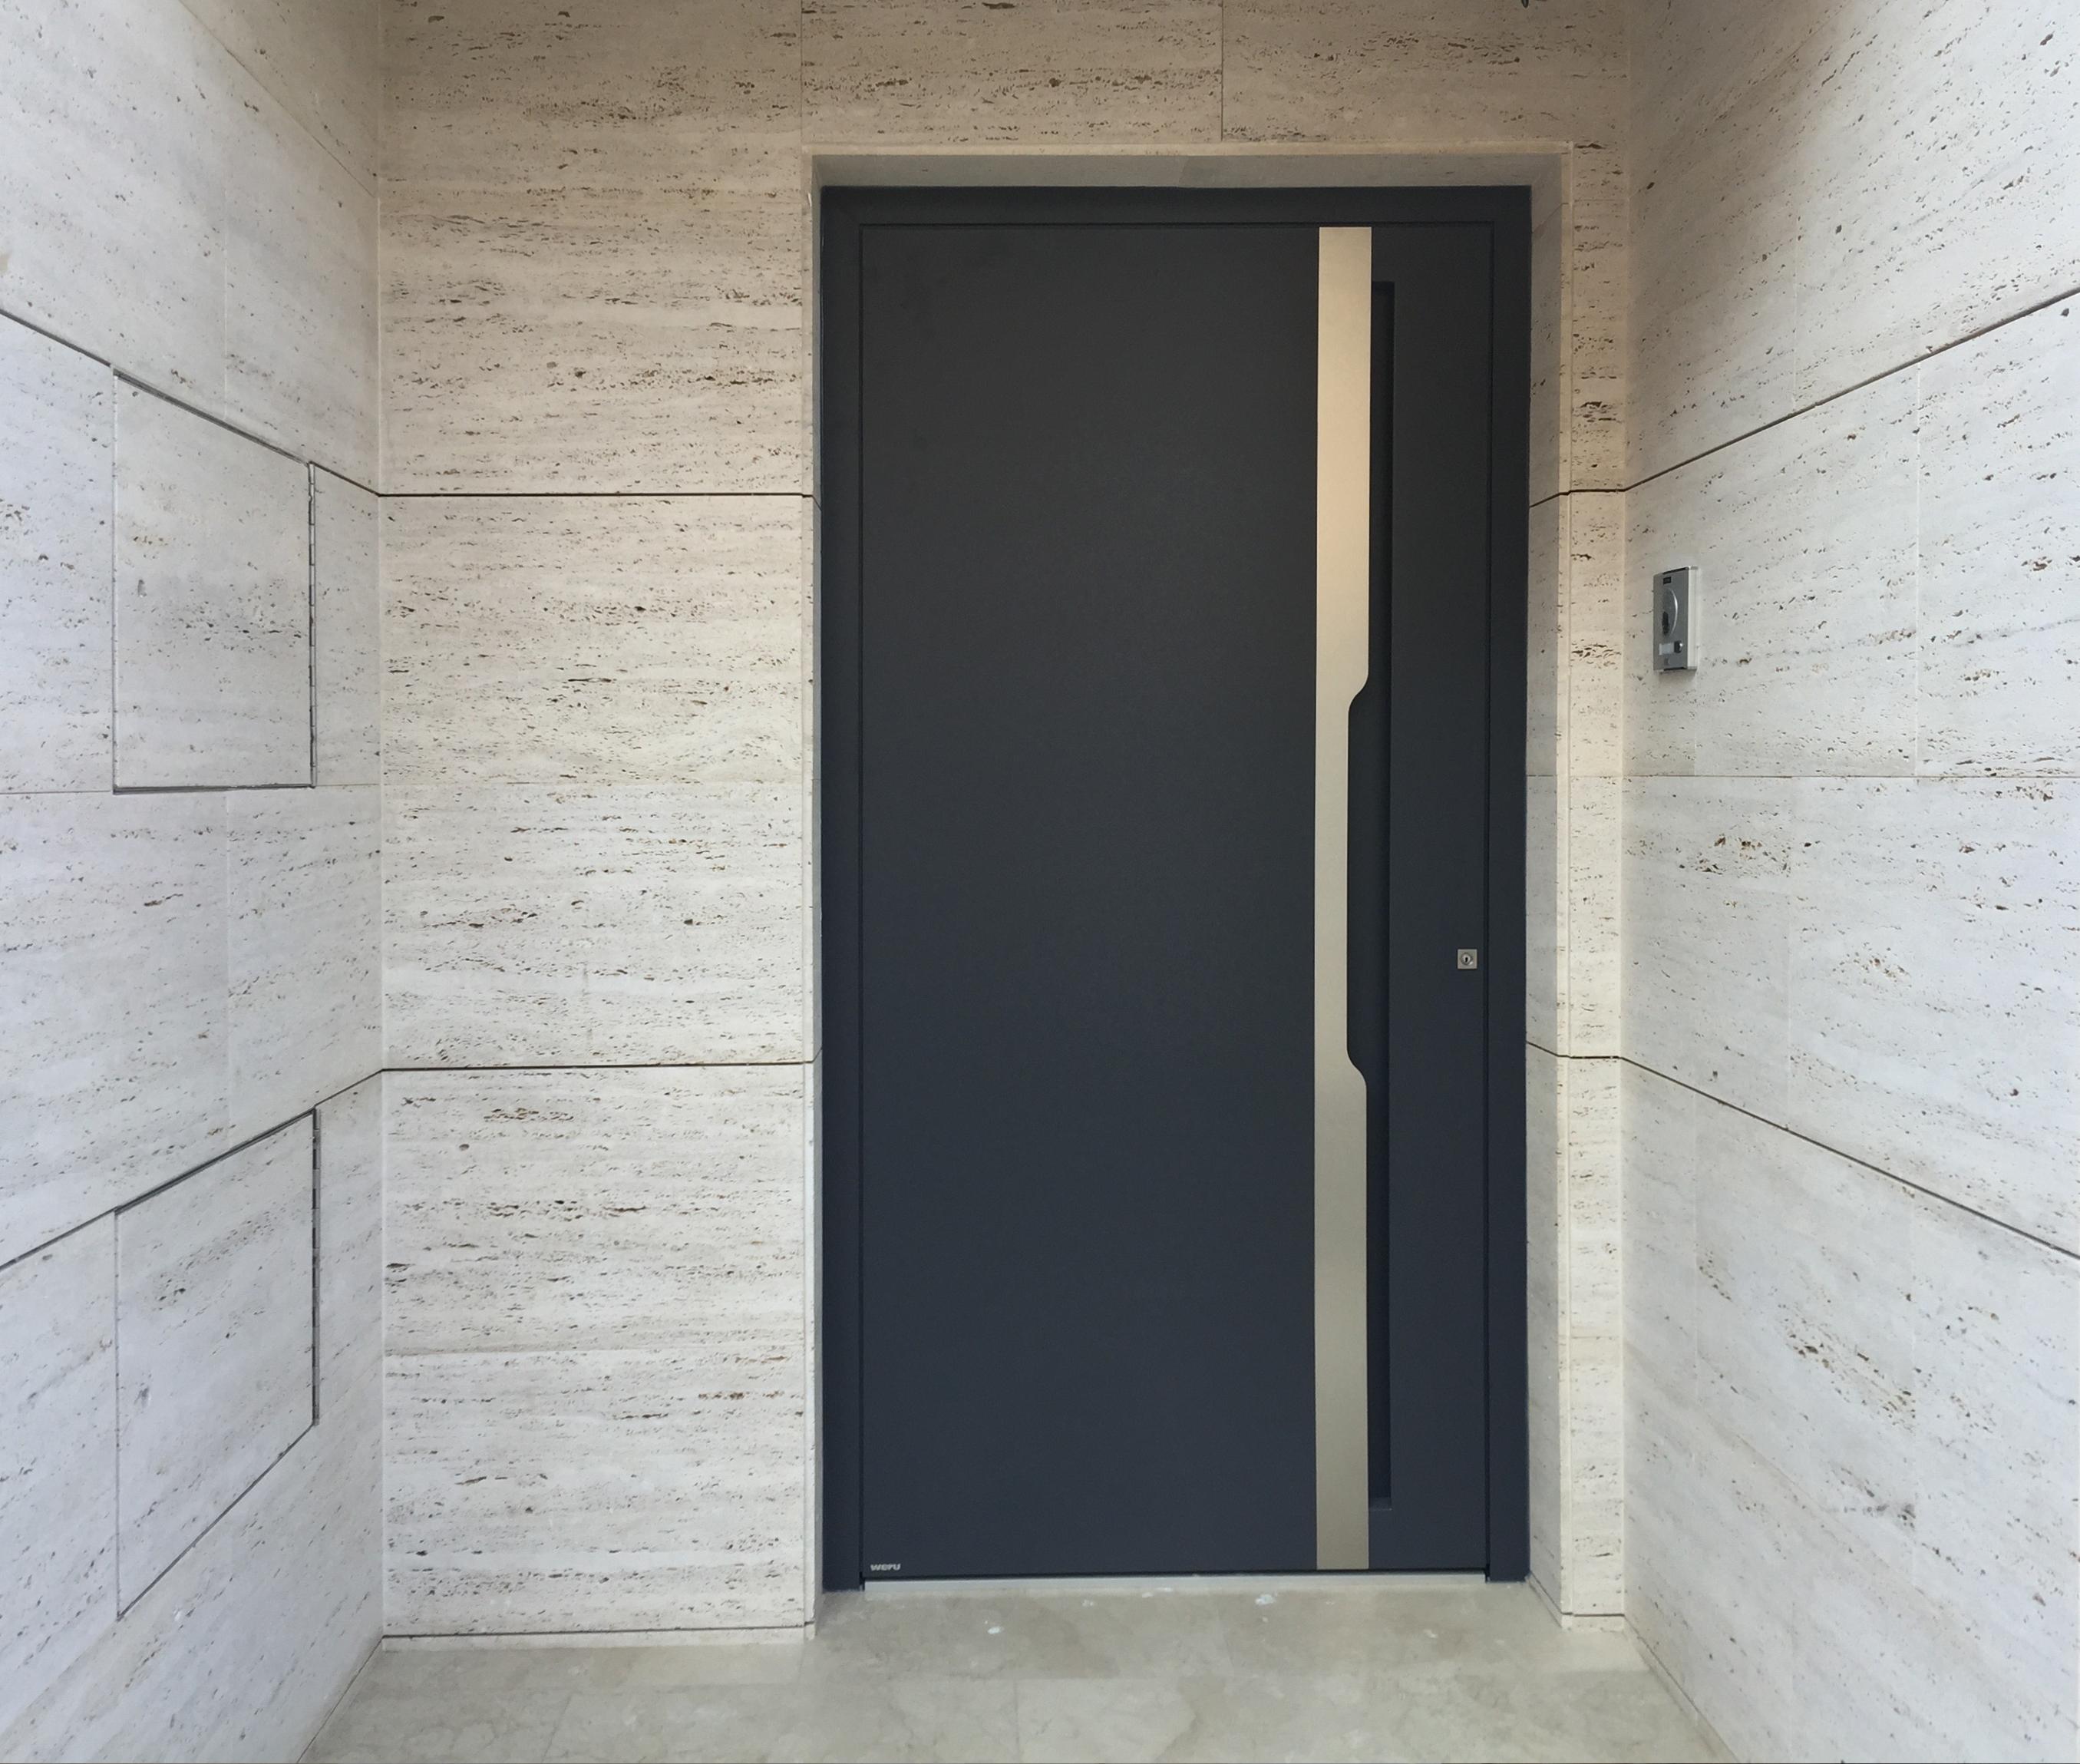 Puertas De Entrada De Pvc Precios Good Puerta De Entrada